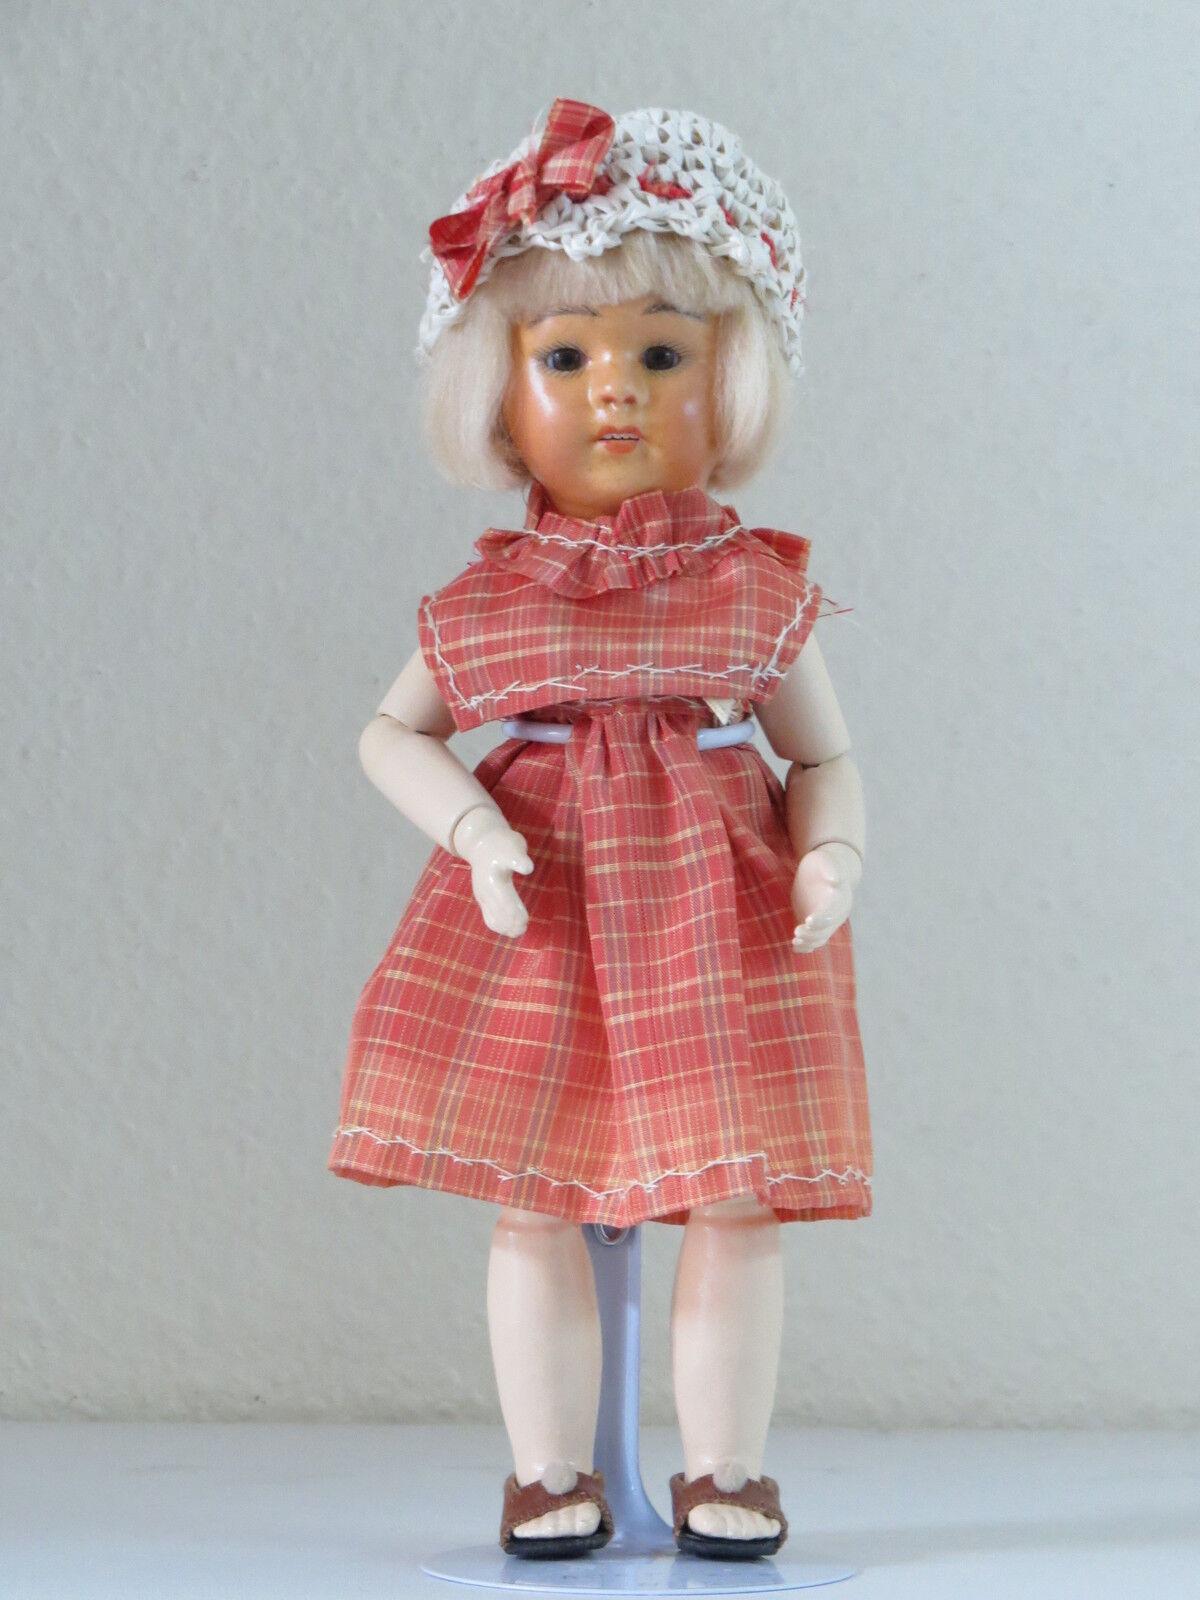 Loulotte   Loulette  Asiatique  N°   7  .    24 cm  Poupée  creation  bambola  Asian  stile classico